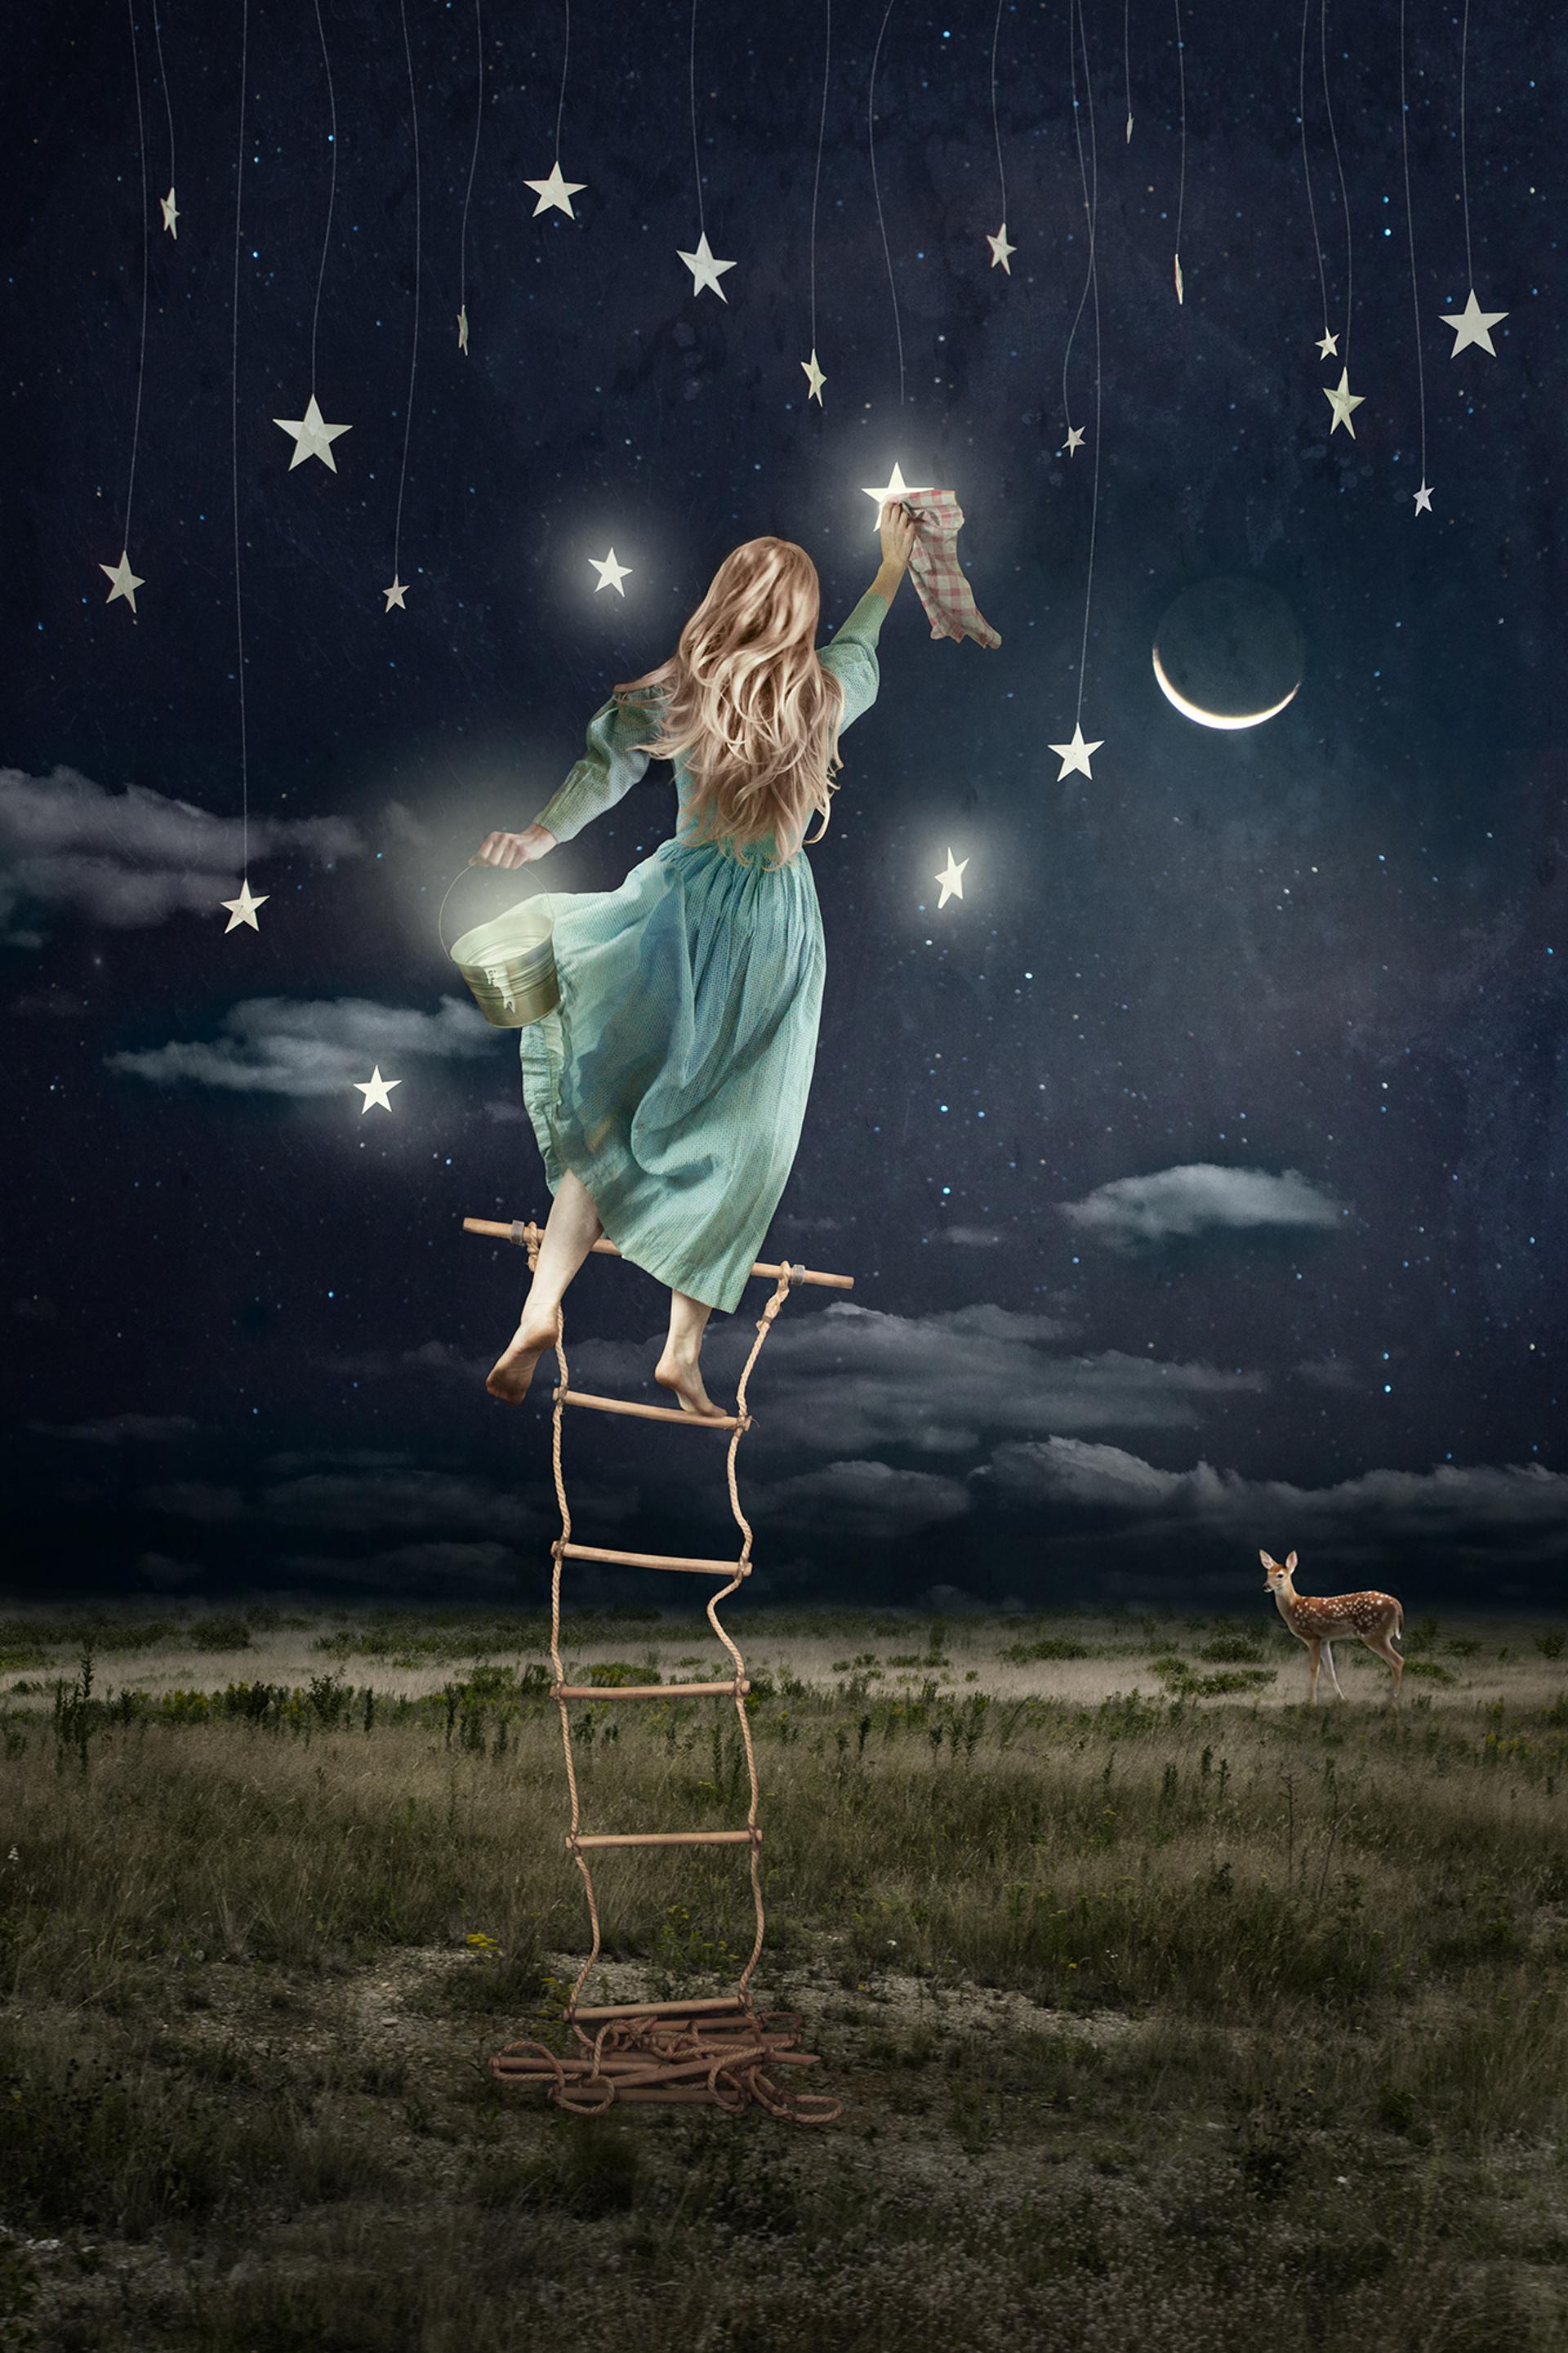 Starpolish by Elisabeth Ladwig